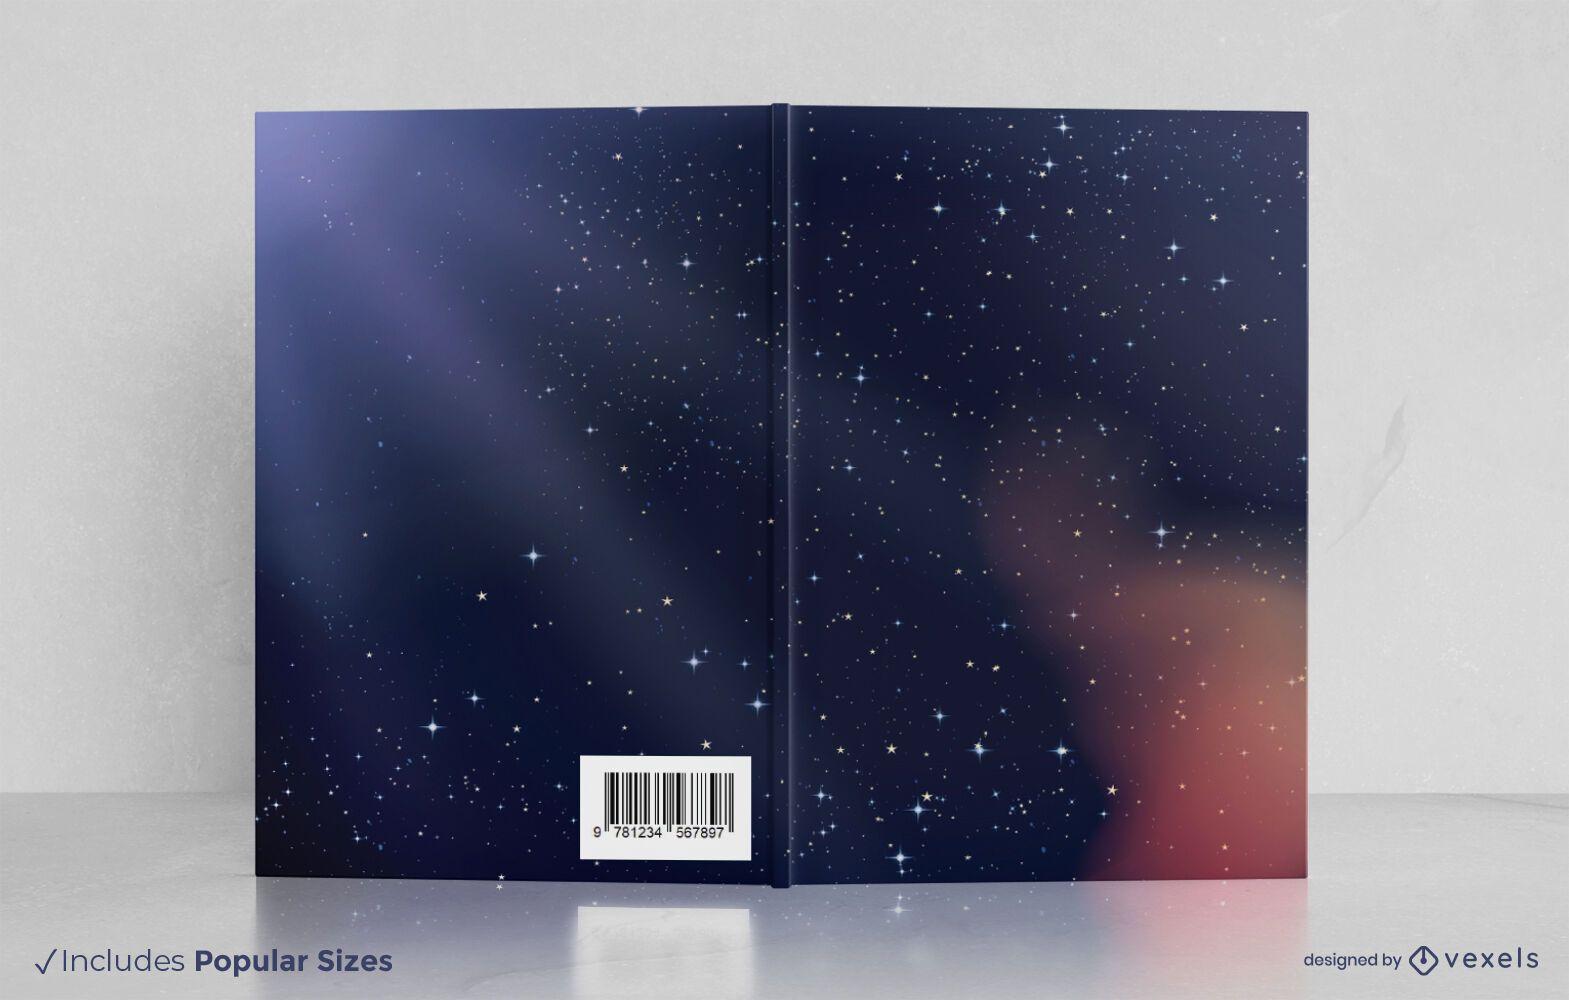 Dise?o de portada de libro Galaxy